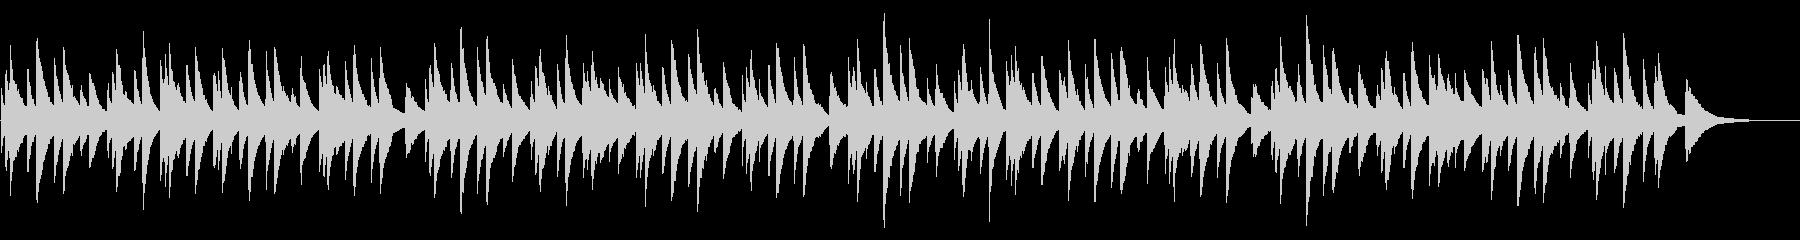 アメイジング・グレイス 72弁オルゴールの未再生の波形